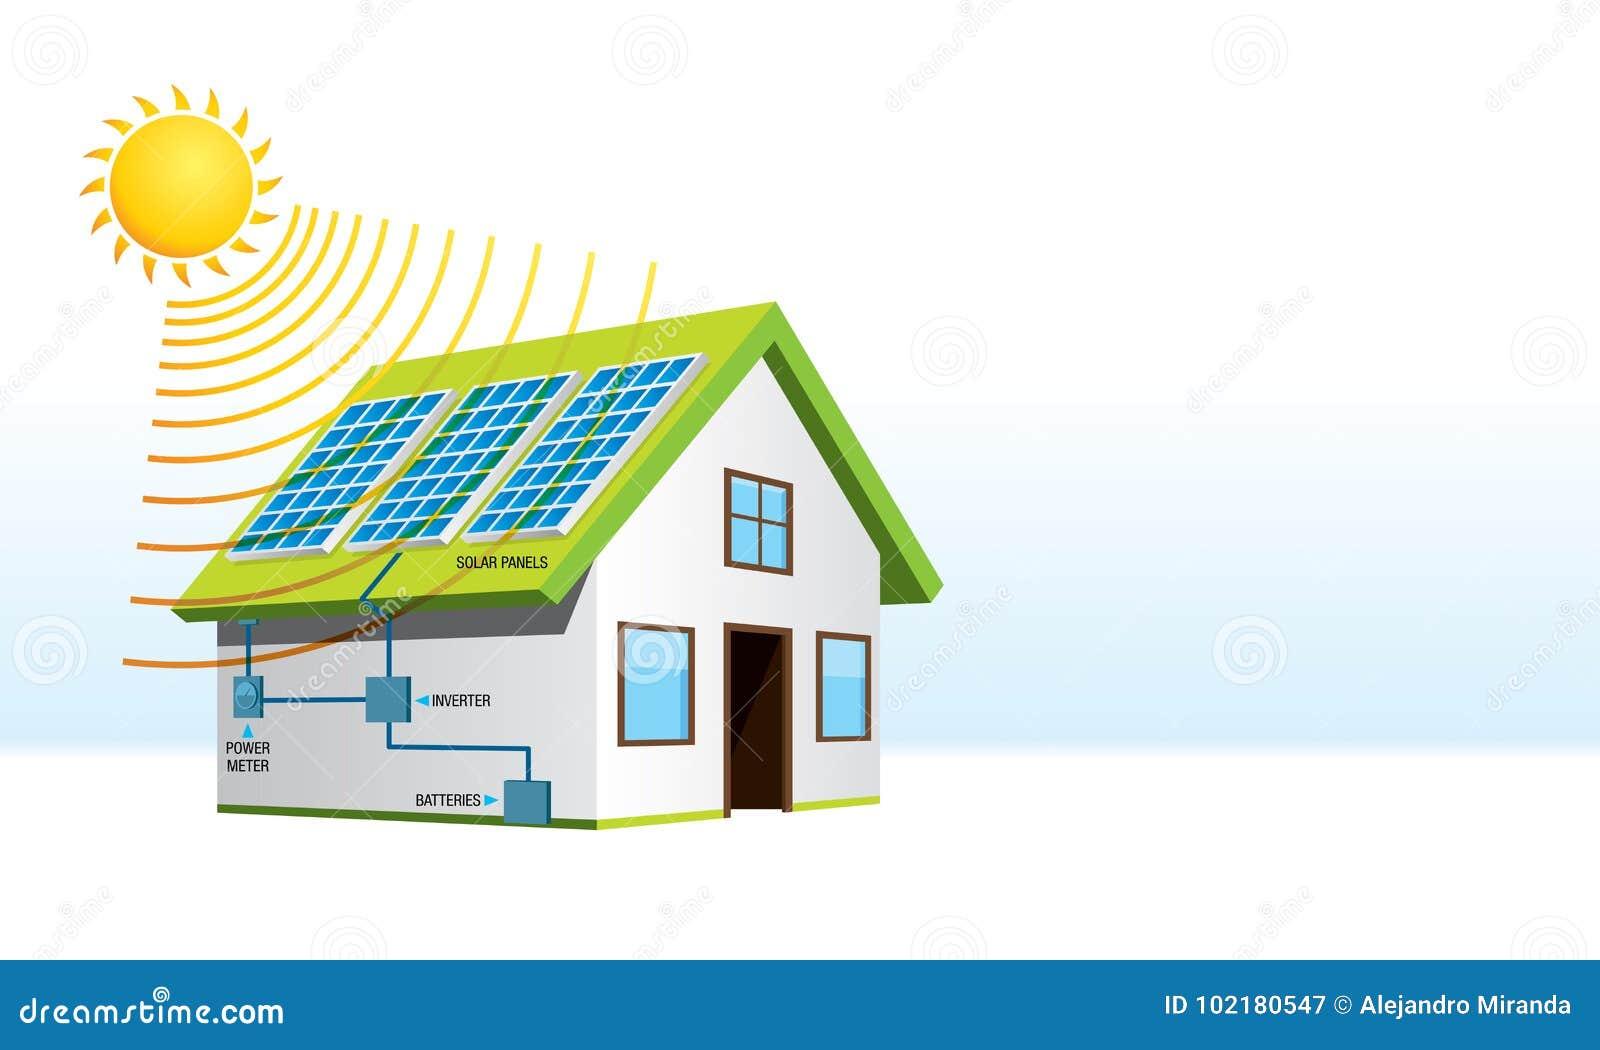 Plattelandshuisje met zonne-energieinstallatie met namen van systeemcomponenten op witte achtergrond Vernieuwbare energie